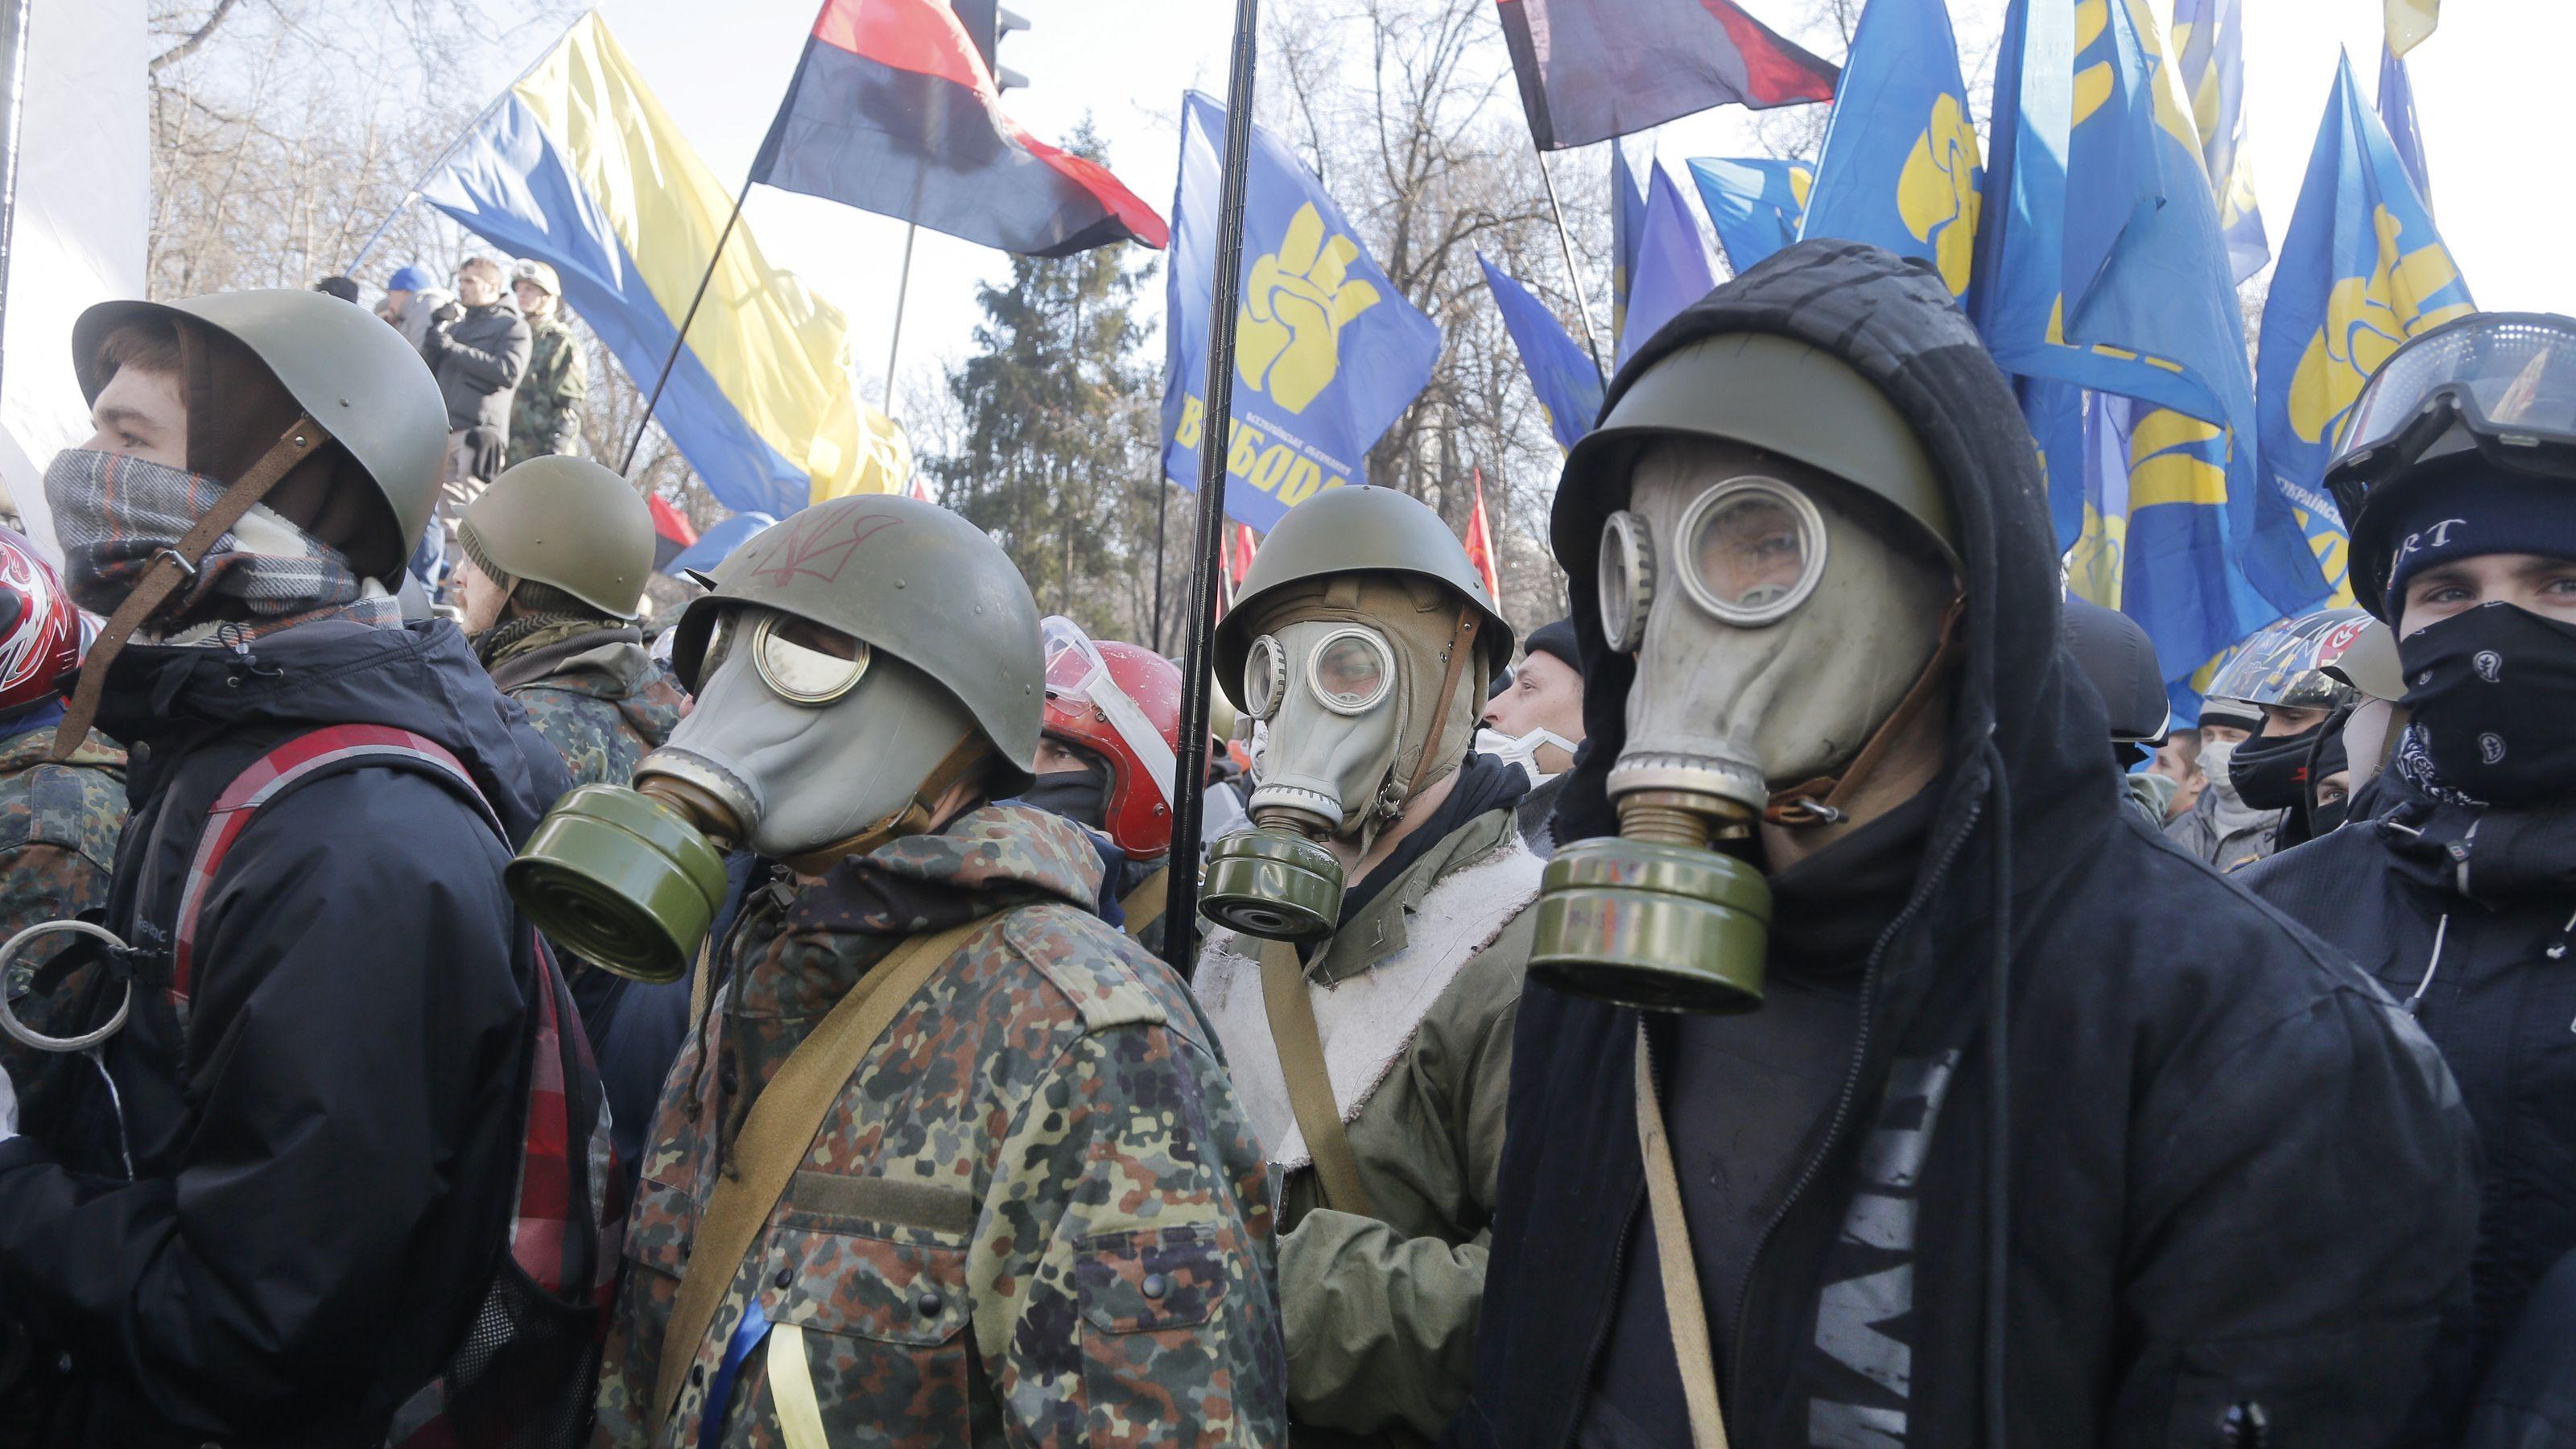 В Крыму напомнили украинским неонацистам о Нюрнбергском процессе Аксенов,Крым,Националисты,Политика,Россия,Украина